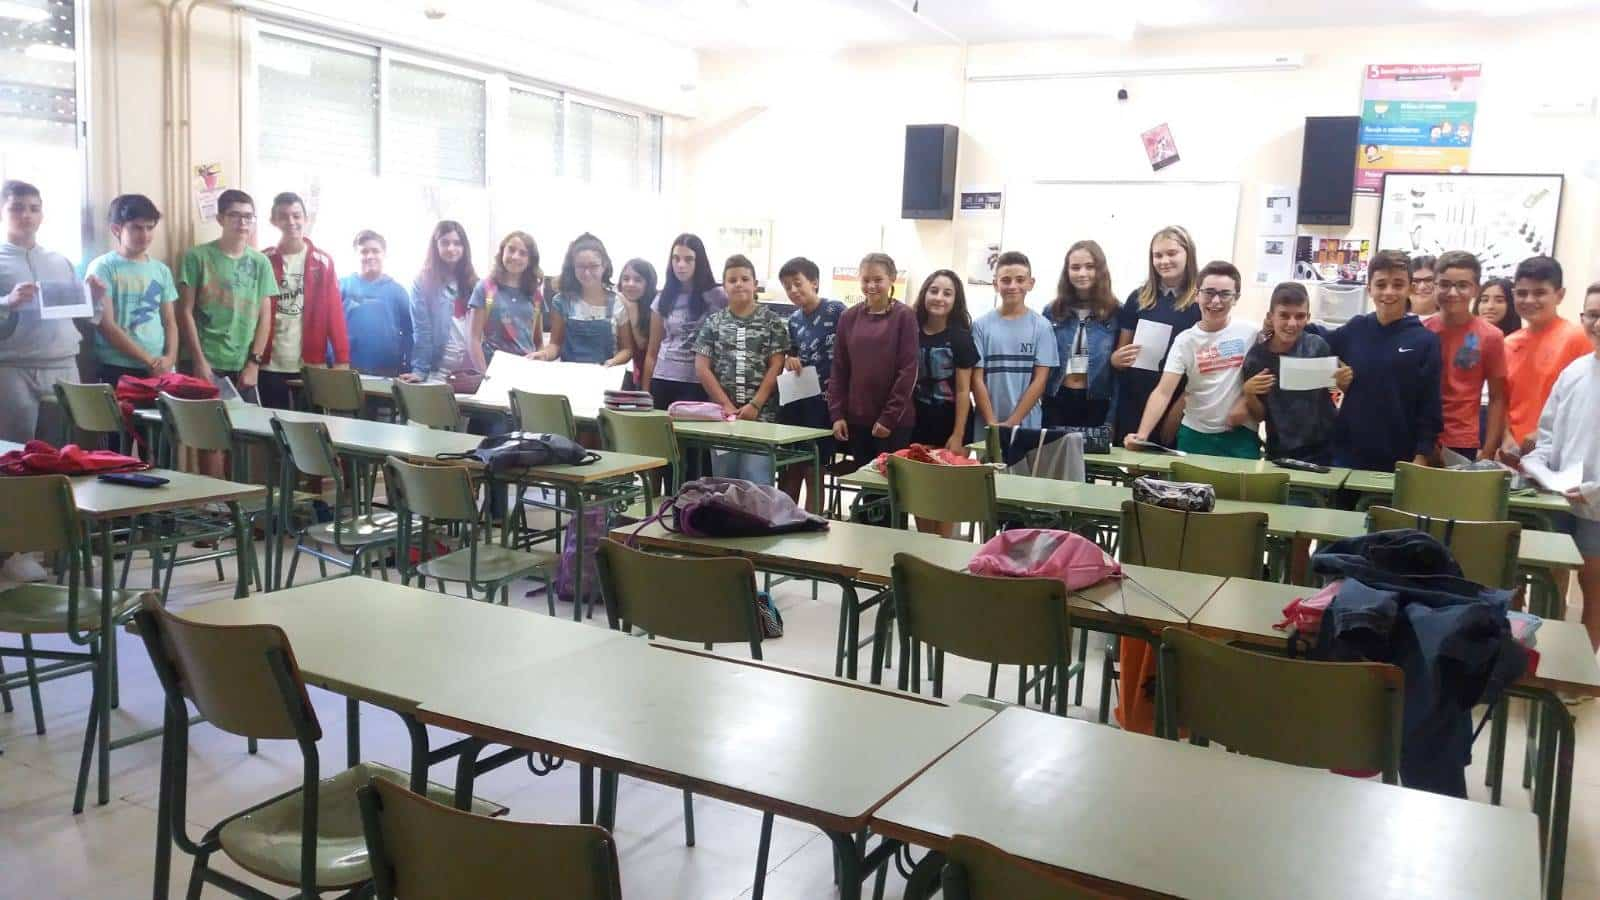 nuevos alumnos 2018 2019 hermogenes rodriguez herencia - IES Hermógenes Rodríguez acogiendo nuevos alumnos con mucho ritmo